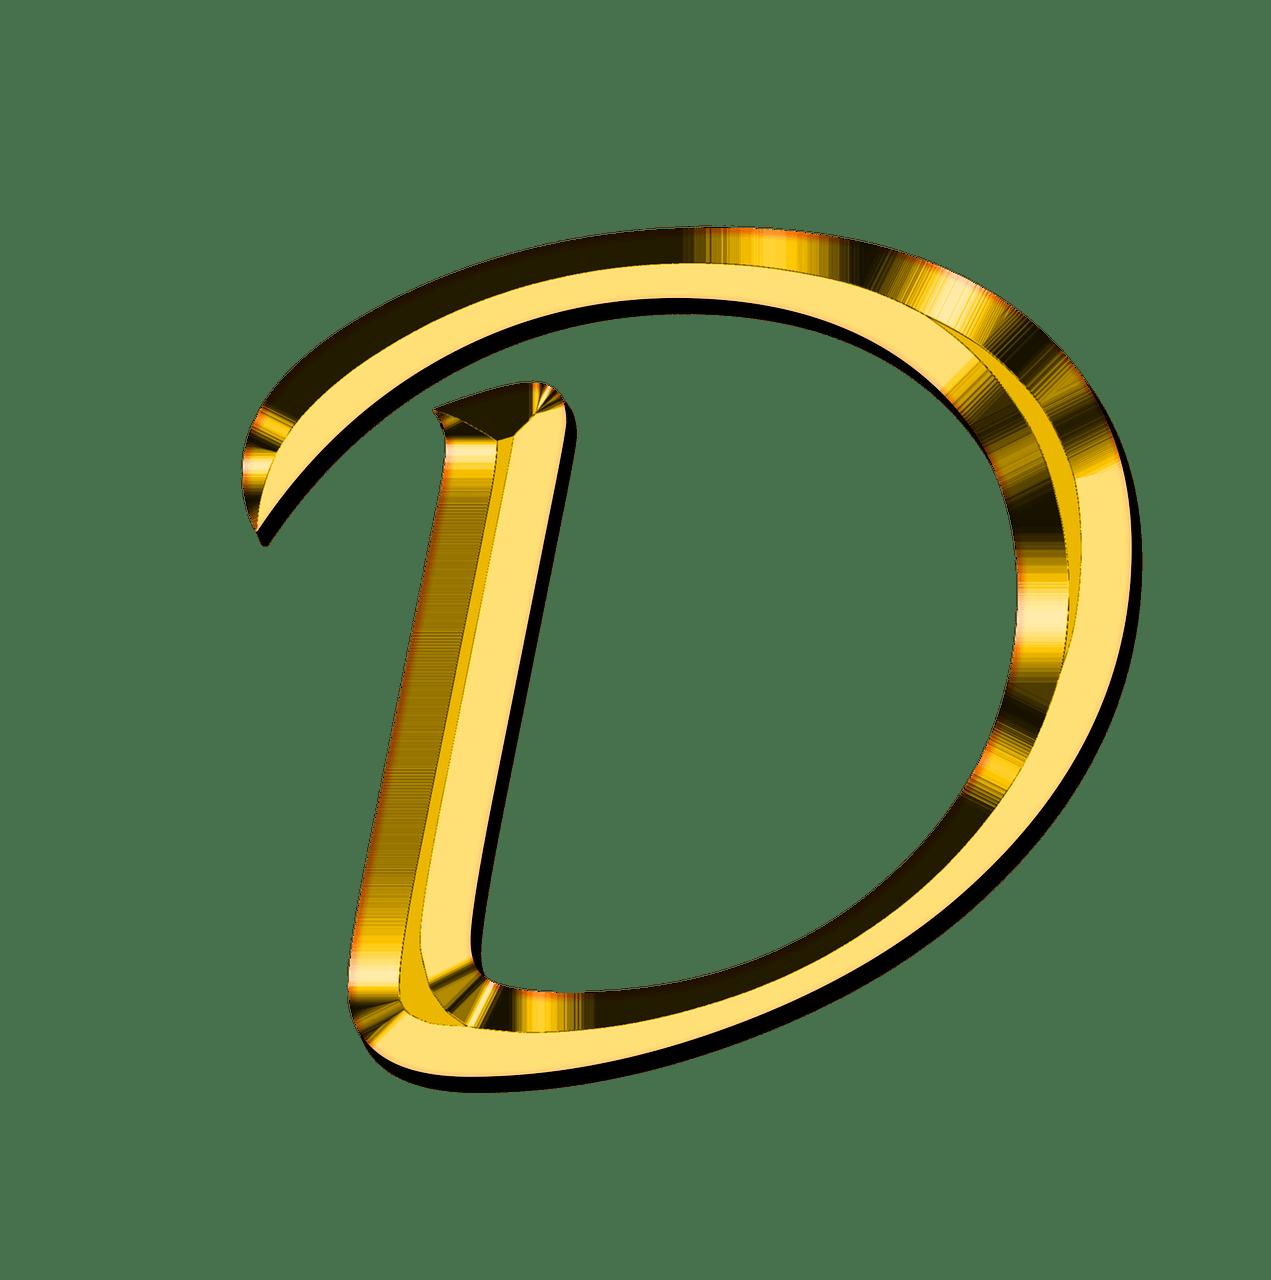 Capital Letter D transparent PNG.